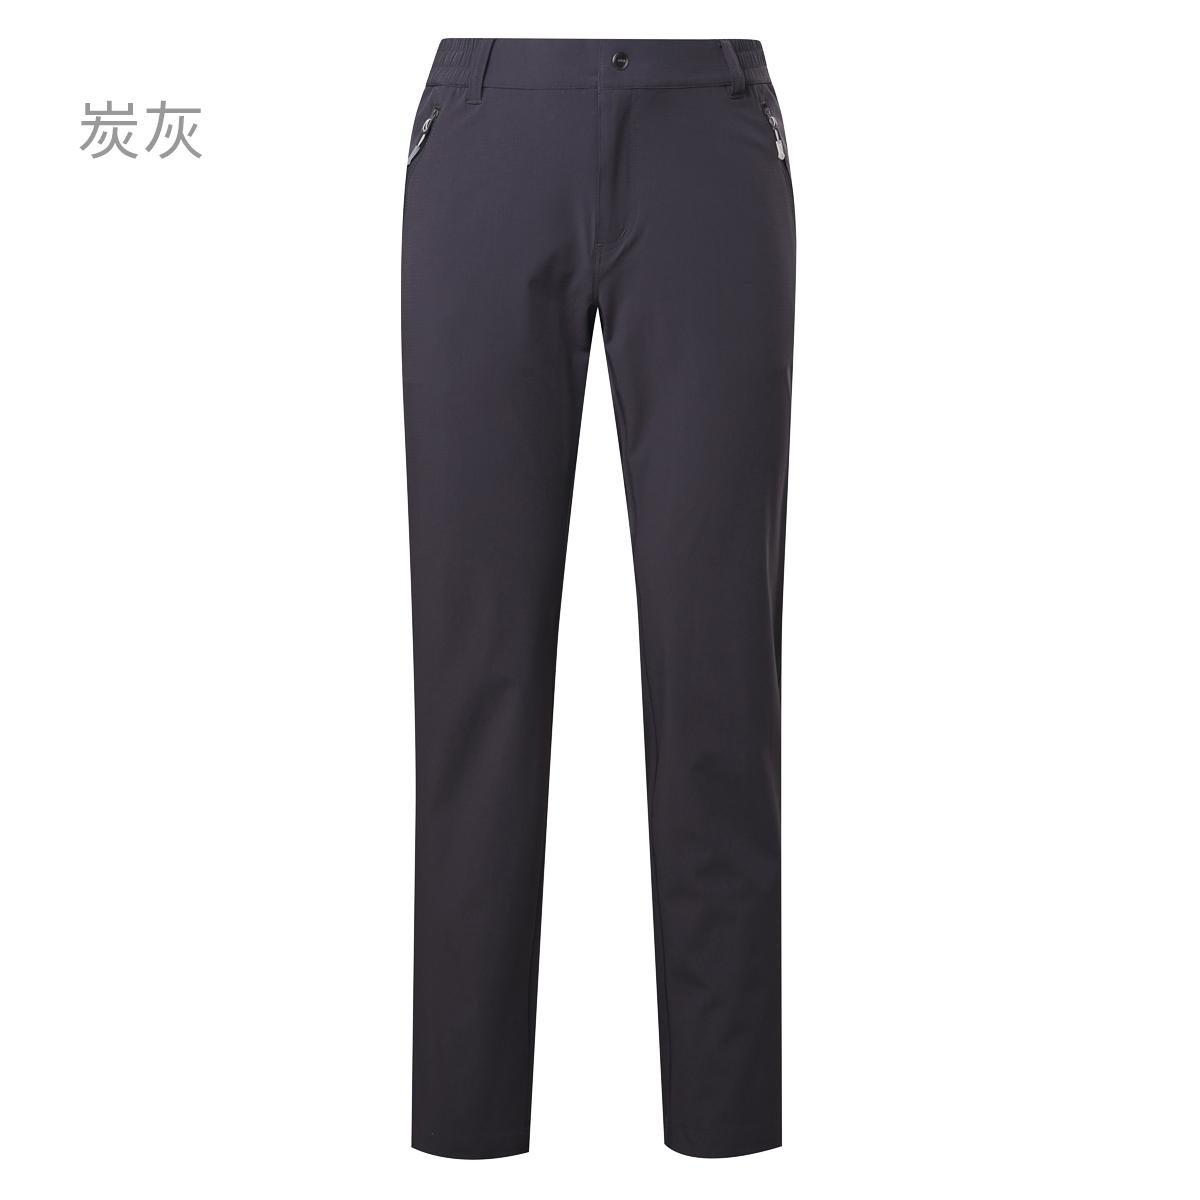 极星户外男士功能长裤夏季吸汗快干裤子户外旅行速干裤男士长裤